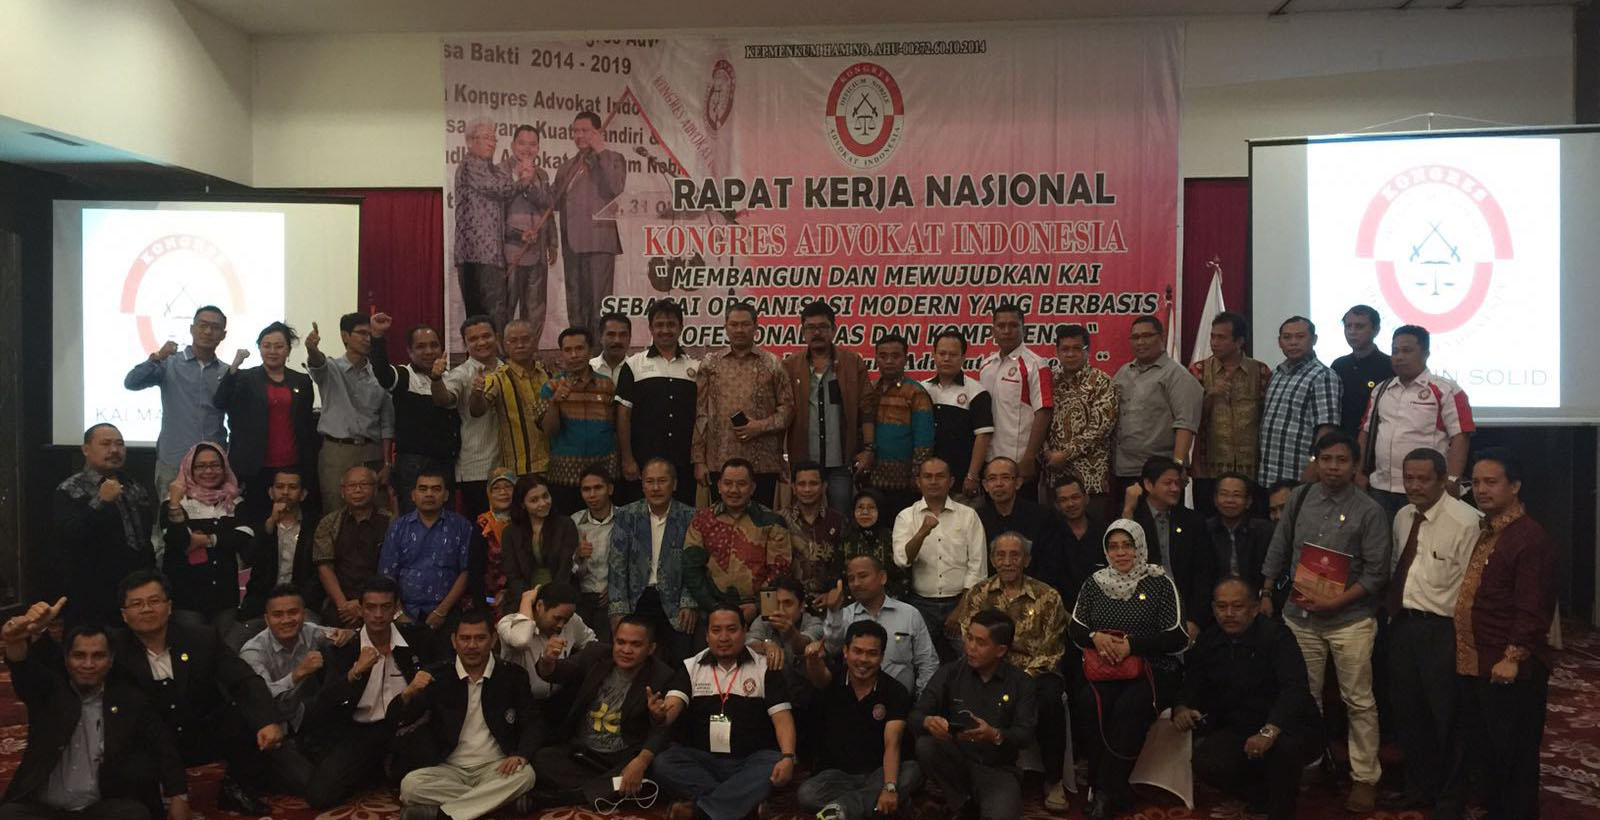 Rapat kerja nasional Visi Misi Kongres Advokat Indonesia